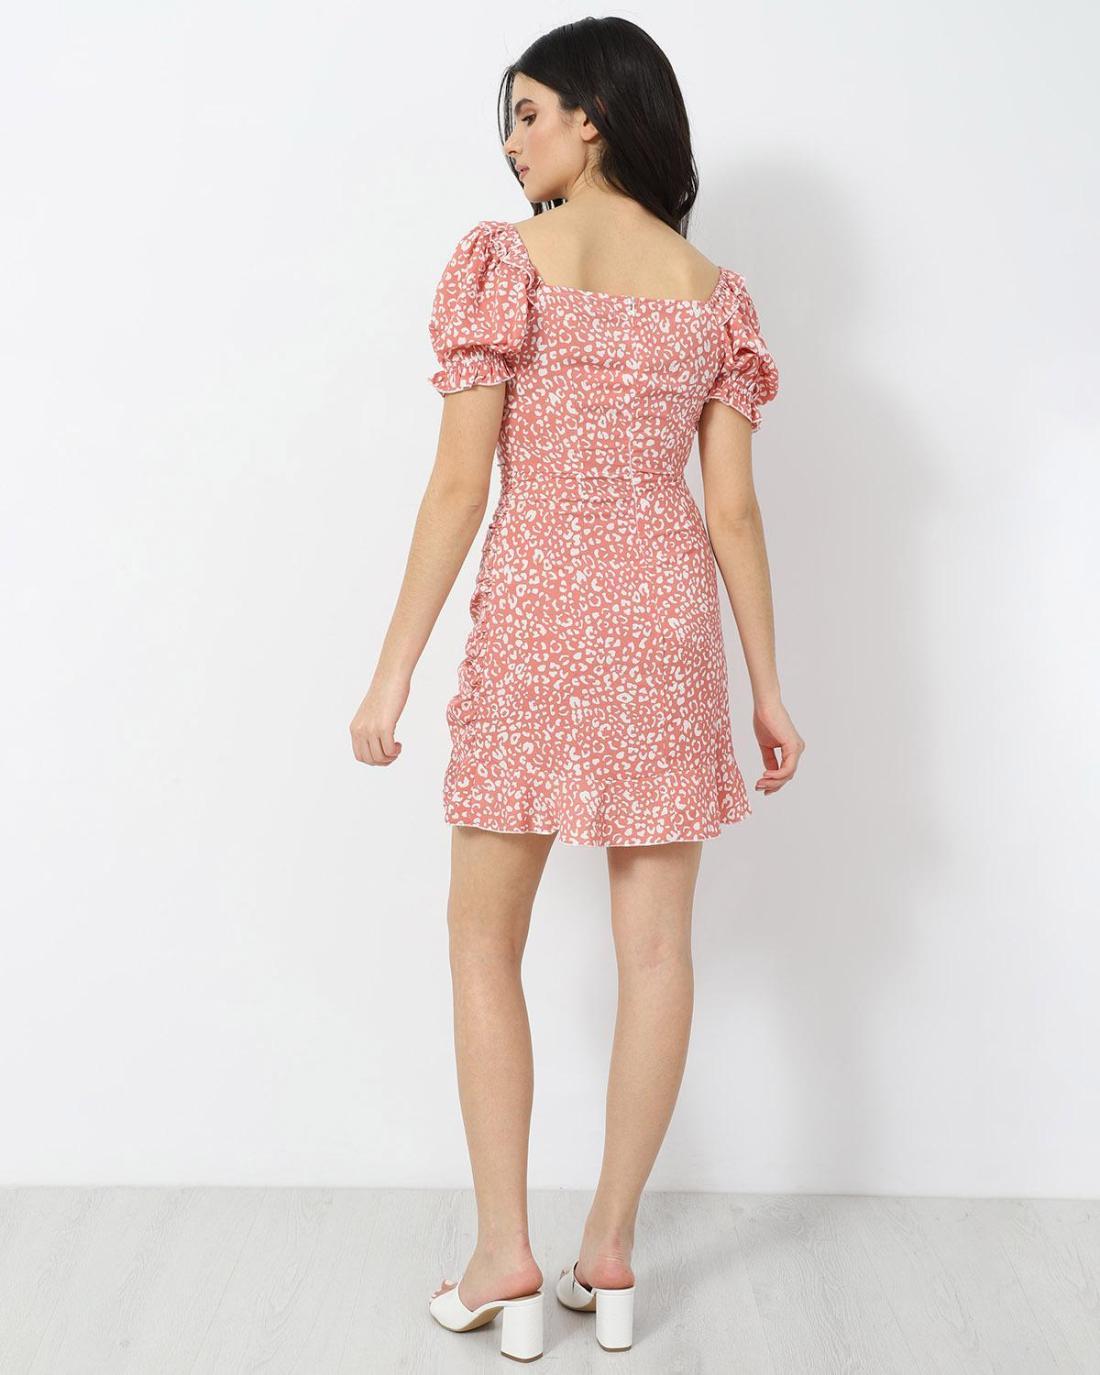 Μίνι φόρεμα ροζ